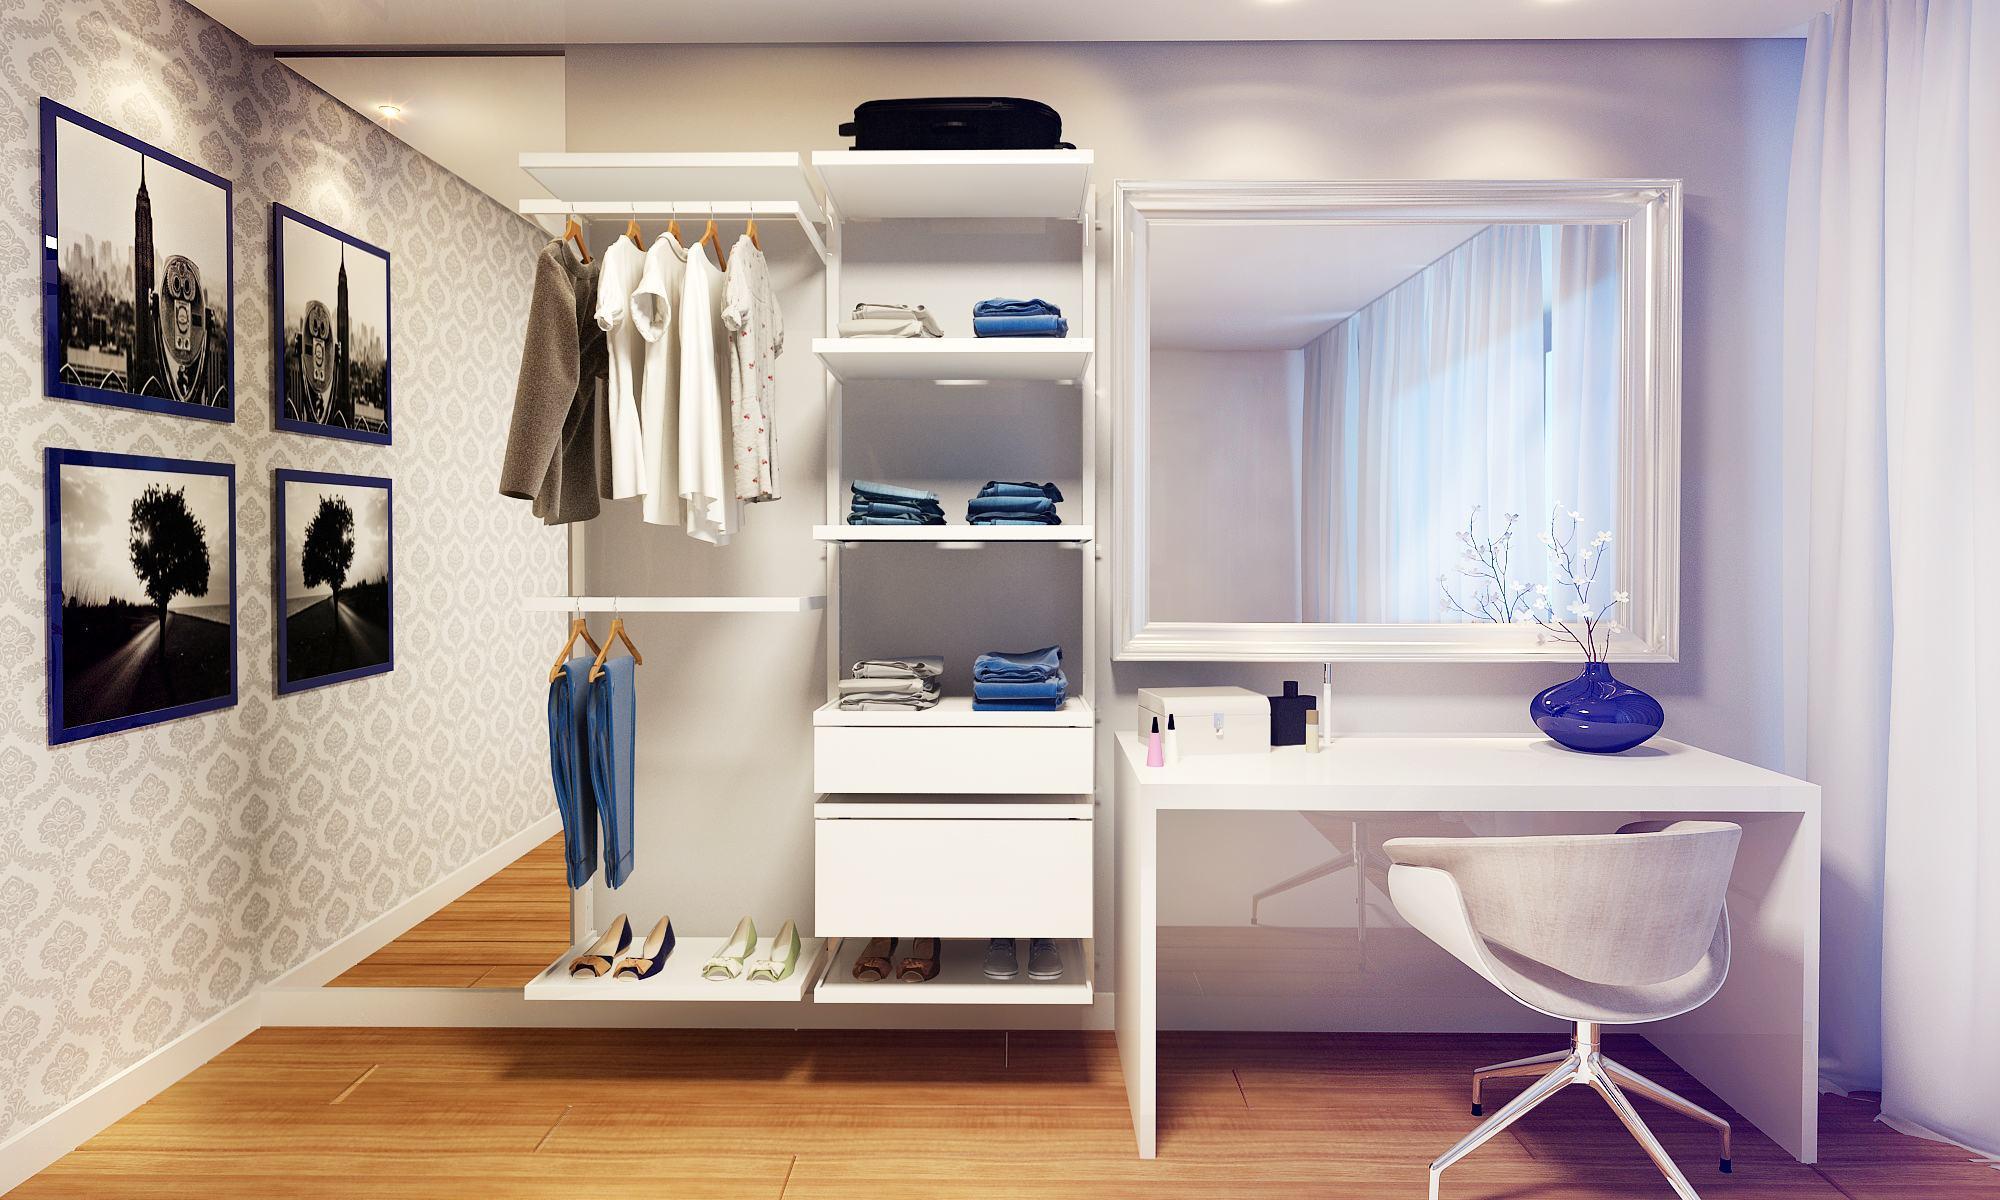 65 modelos de closets fotos ideias lindas for Modelos de closets